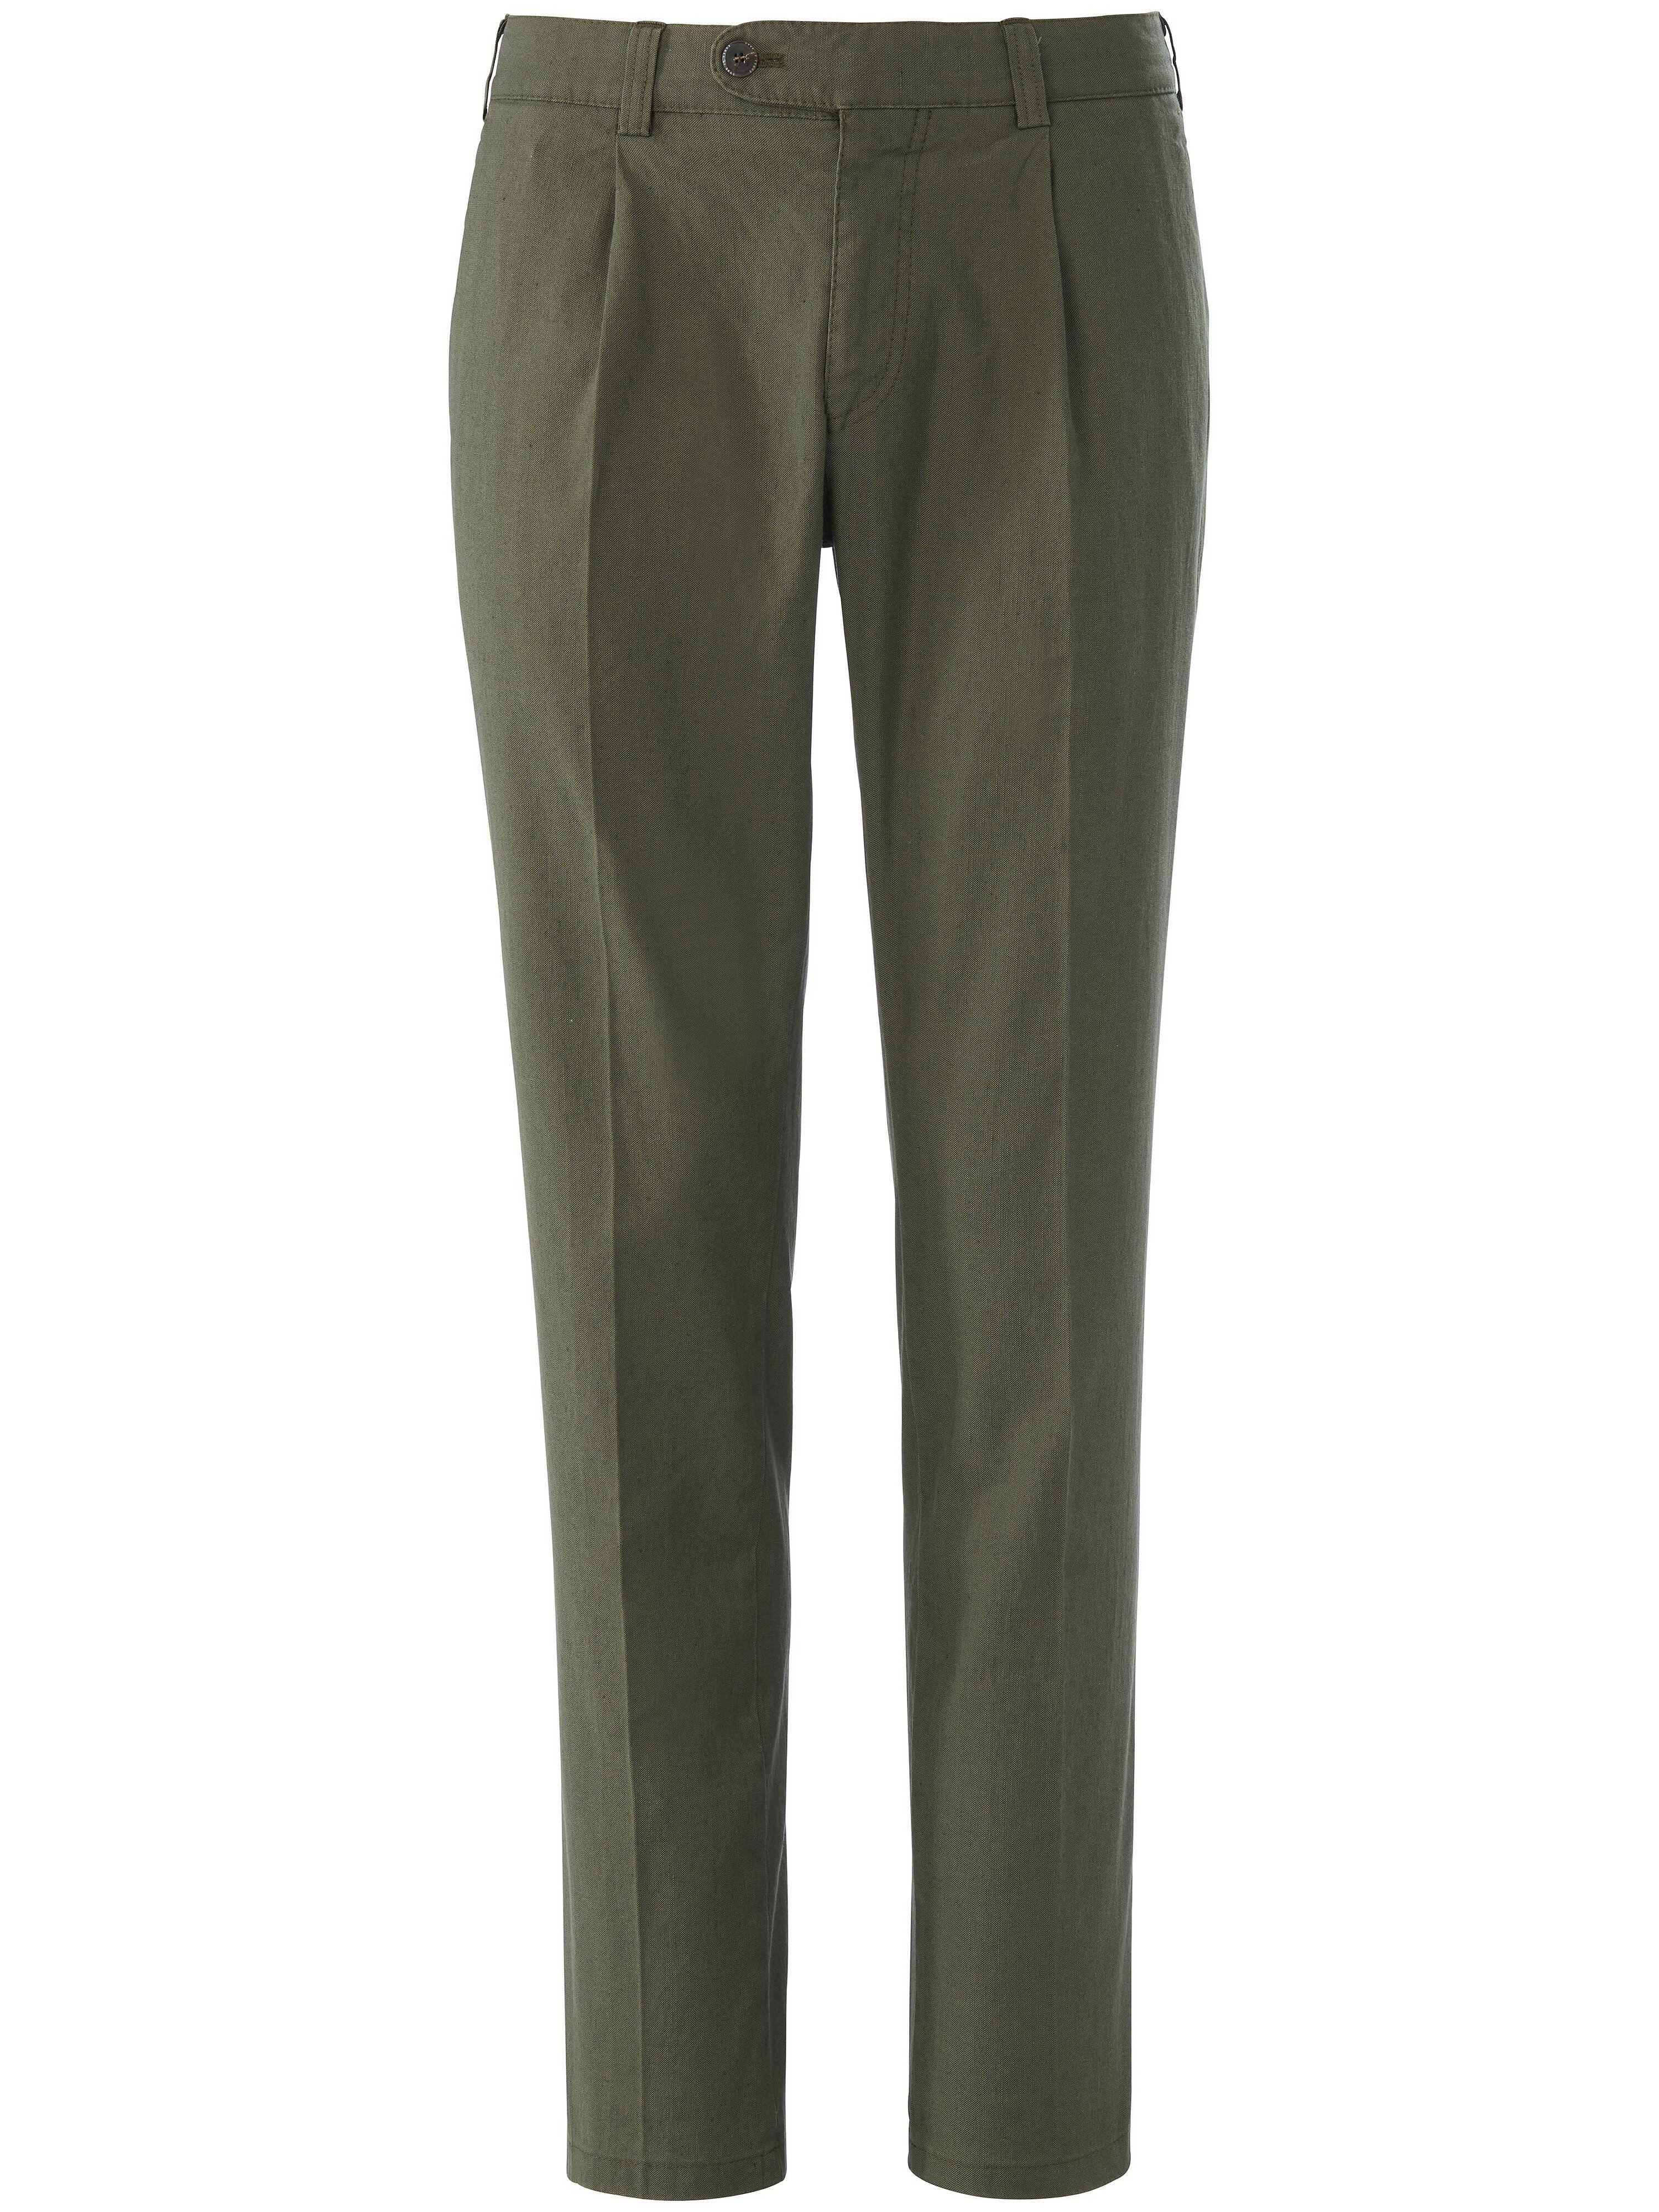 Brax Le pantalon à pinces modèle Luis  Eurex by Brax vert  - Homme - 25